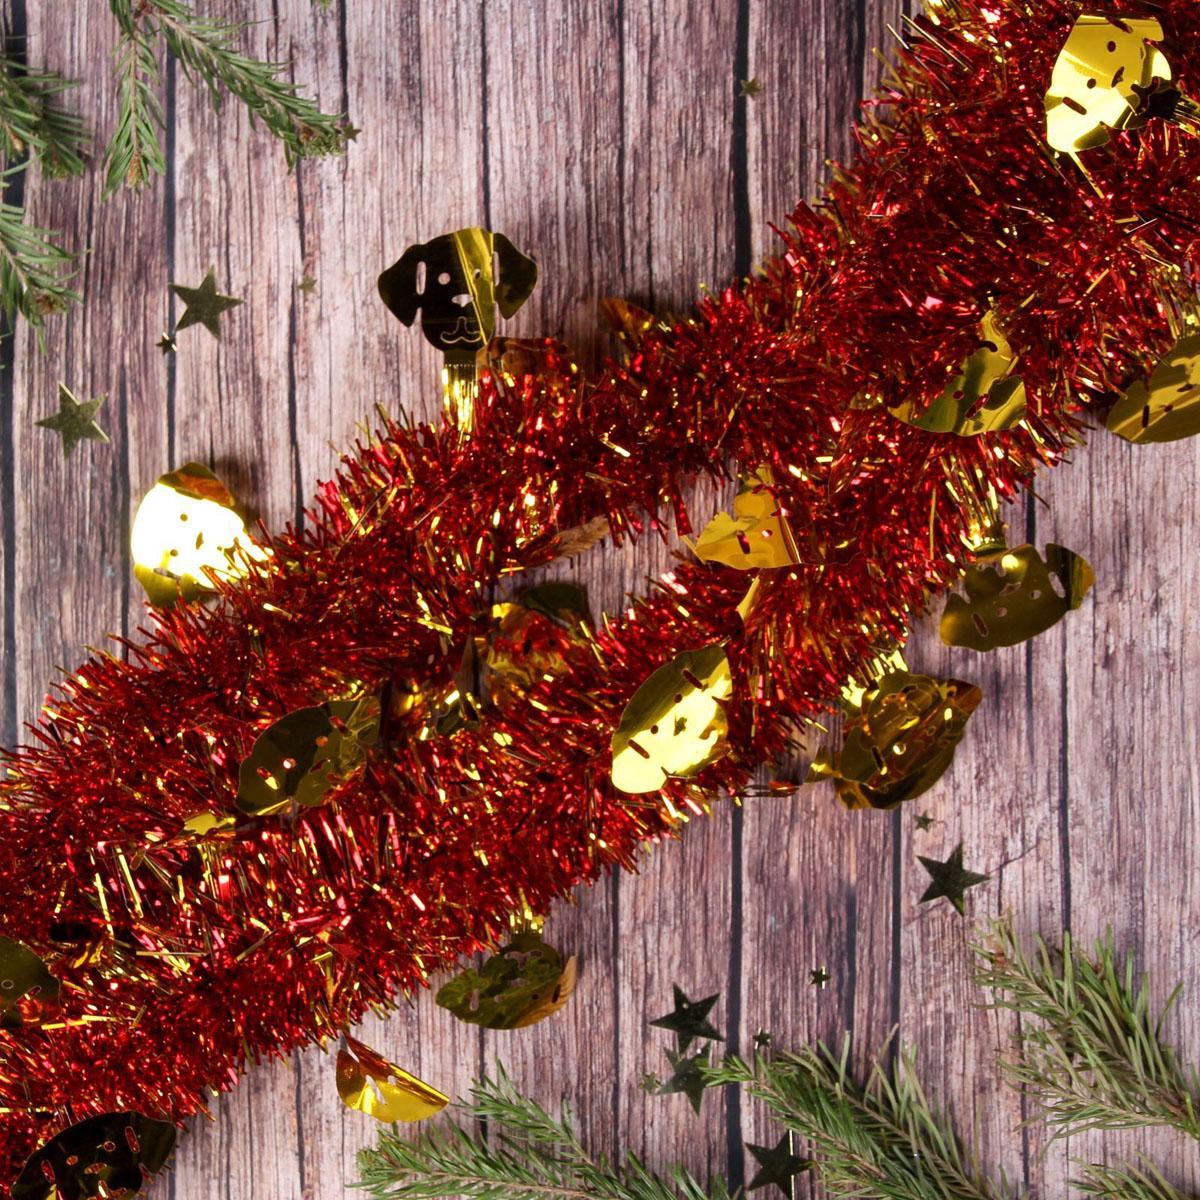 Мишура новогодняя Sima-land Собачка, цвет: красный, диаметр 5 см, длина 2 м. 2317649 мишура новогодняя sima land цвет серебристый диаметр 12 см длина 2 м 702590